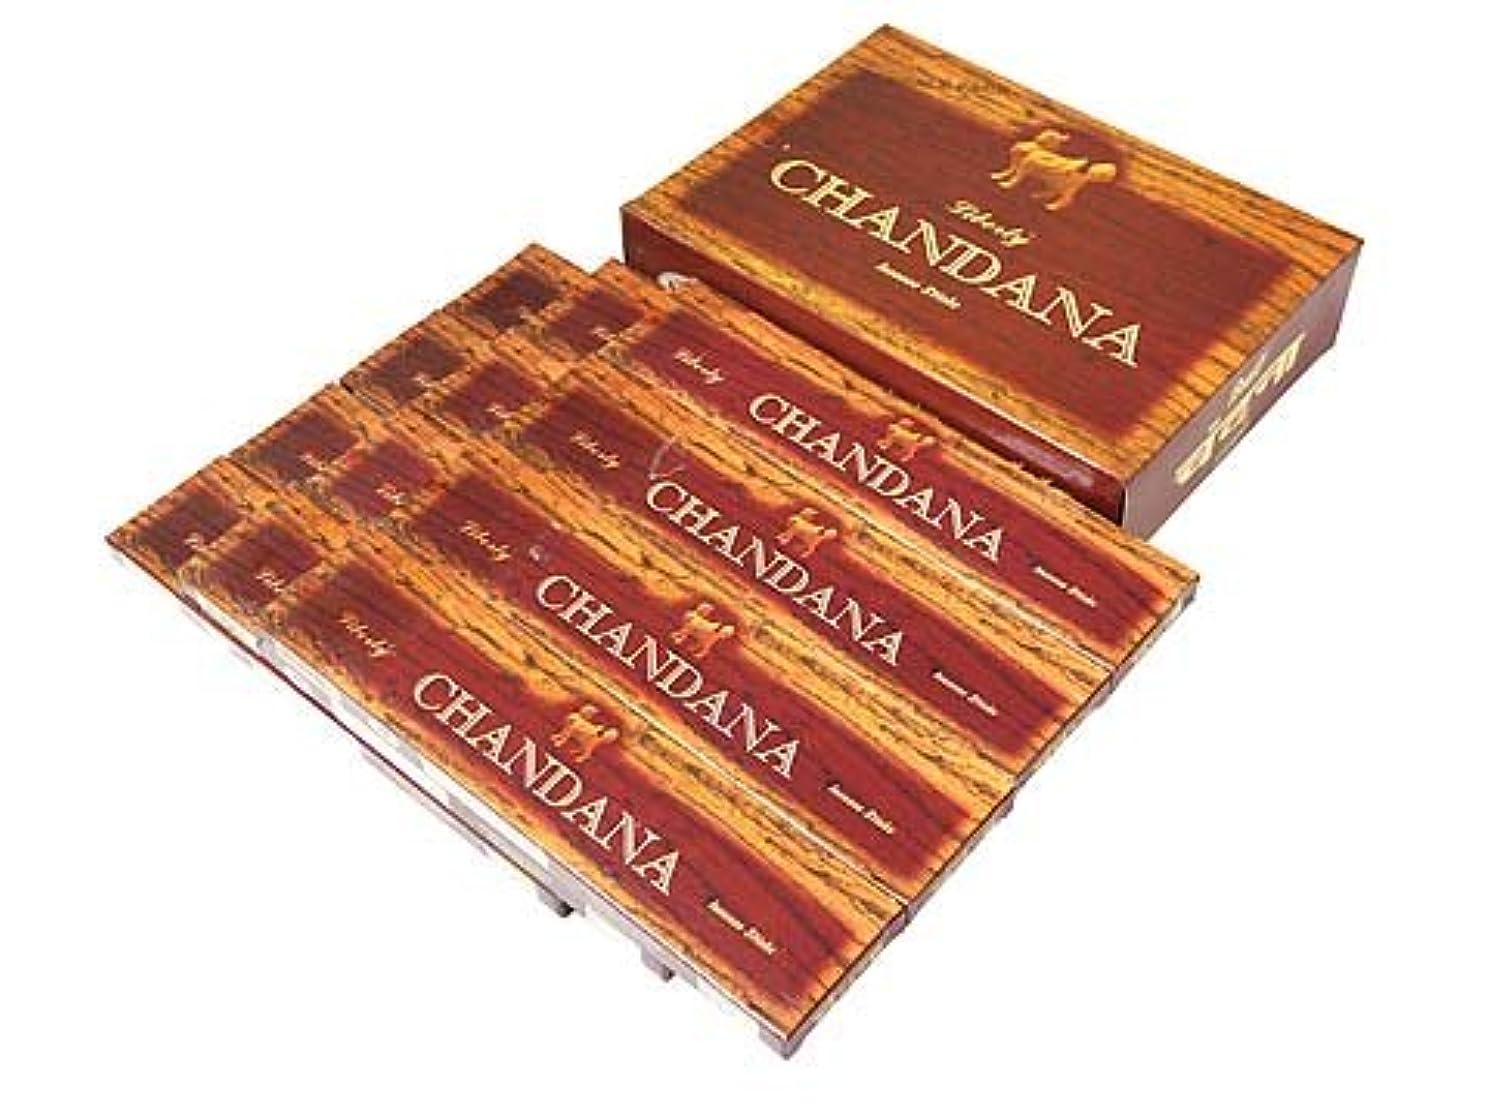 成熟した盗難把握LIBERTY'S(リバティーズ) チャンダナ香 スティック CHANDANA 12箱セット